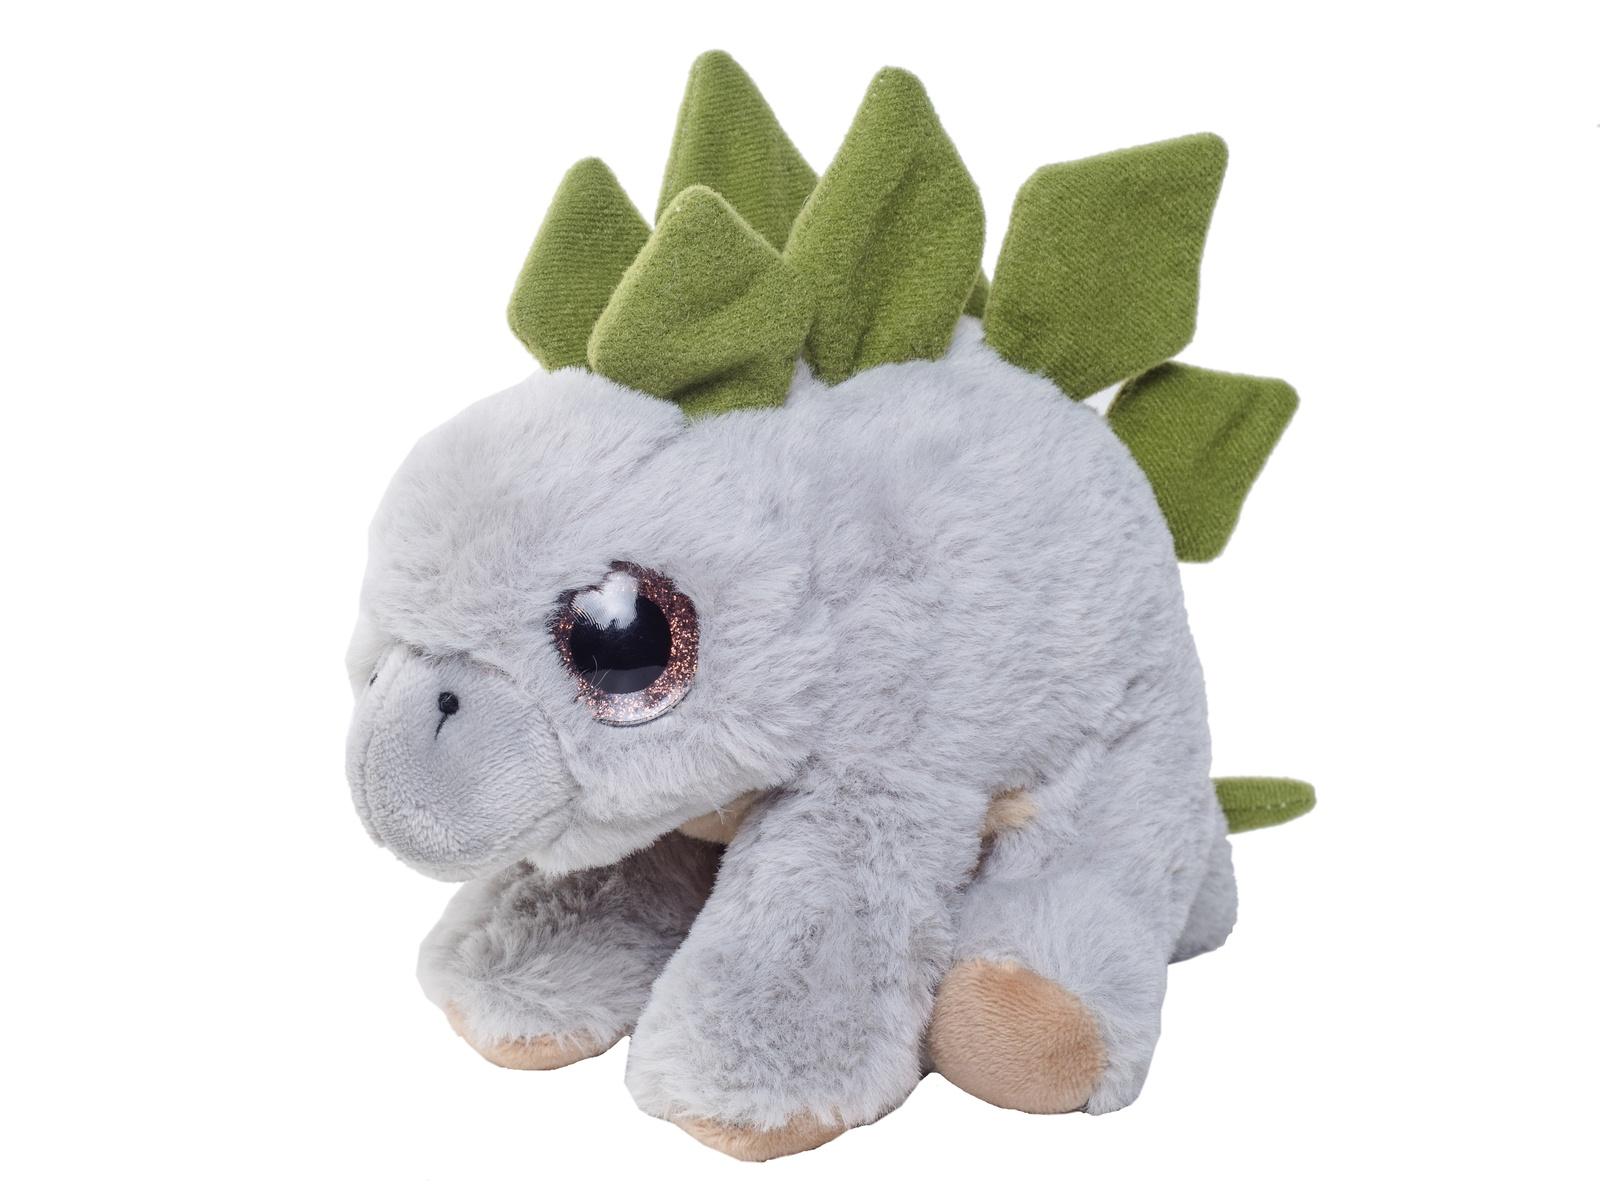 Мягкая игрушка Плюш Ленд Мягкая игрушка Стегозавр, FX-1070B серый игрушка мягкая динозавр плюшевый 3 цвета 28 см